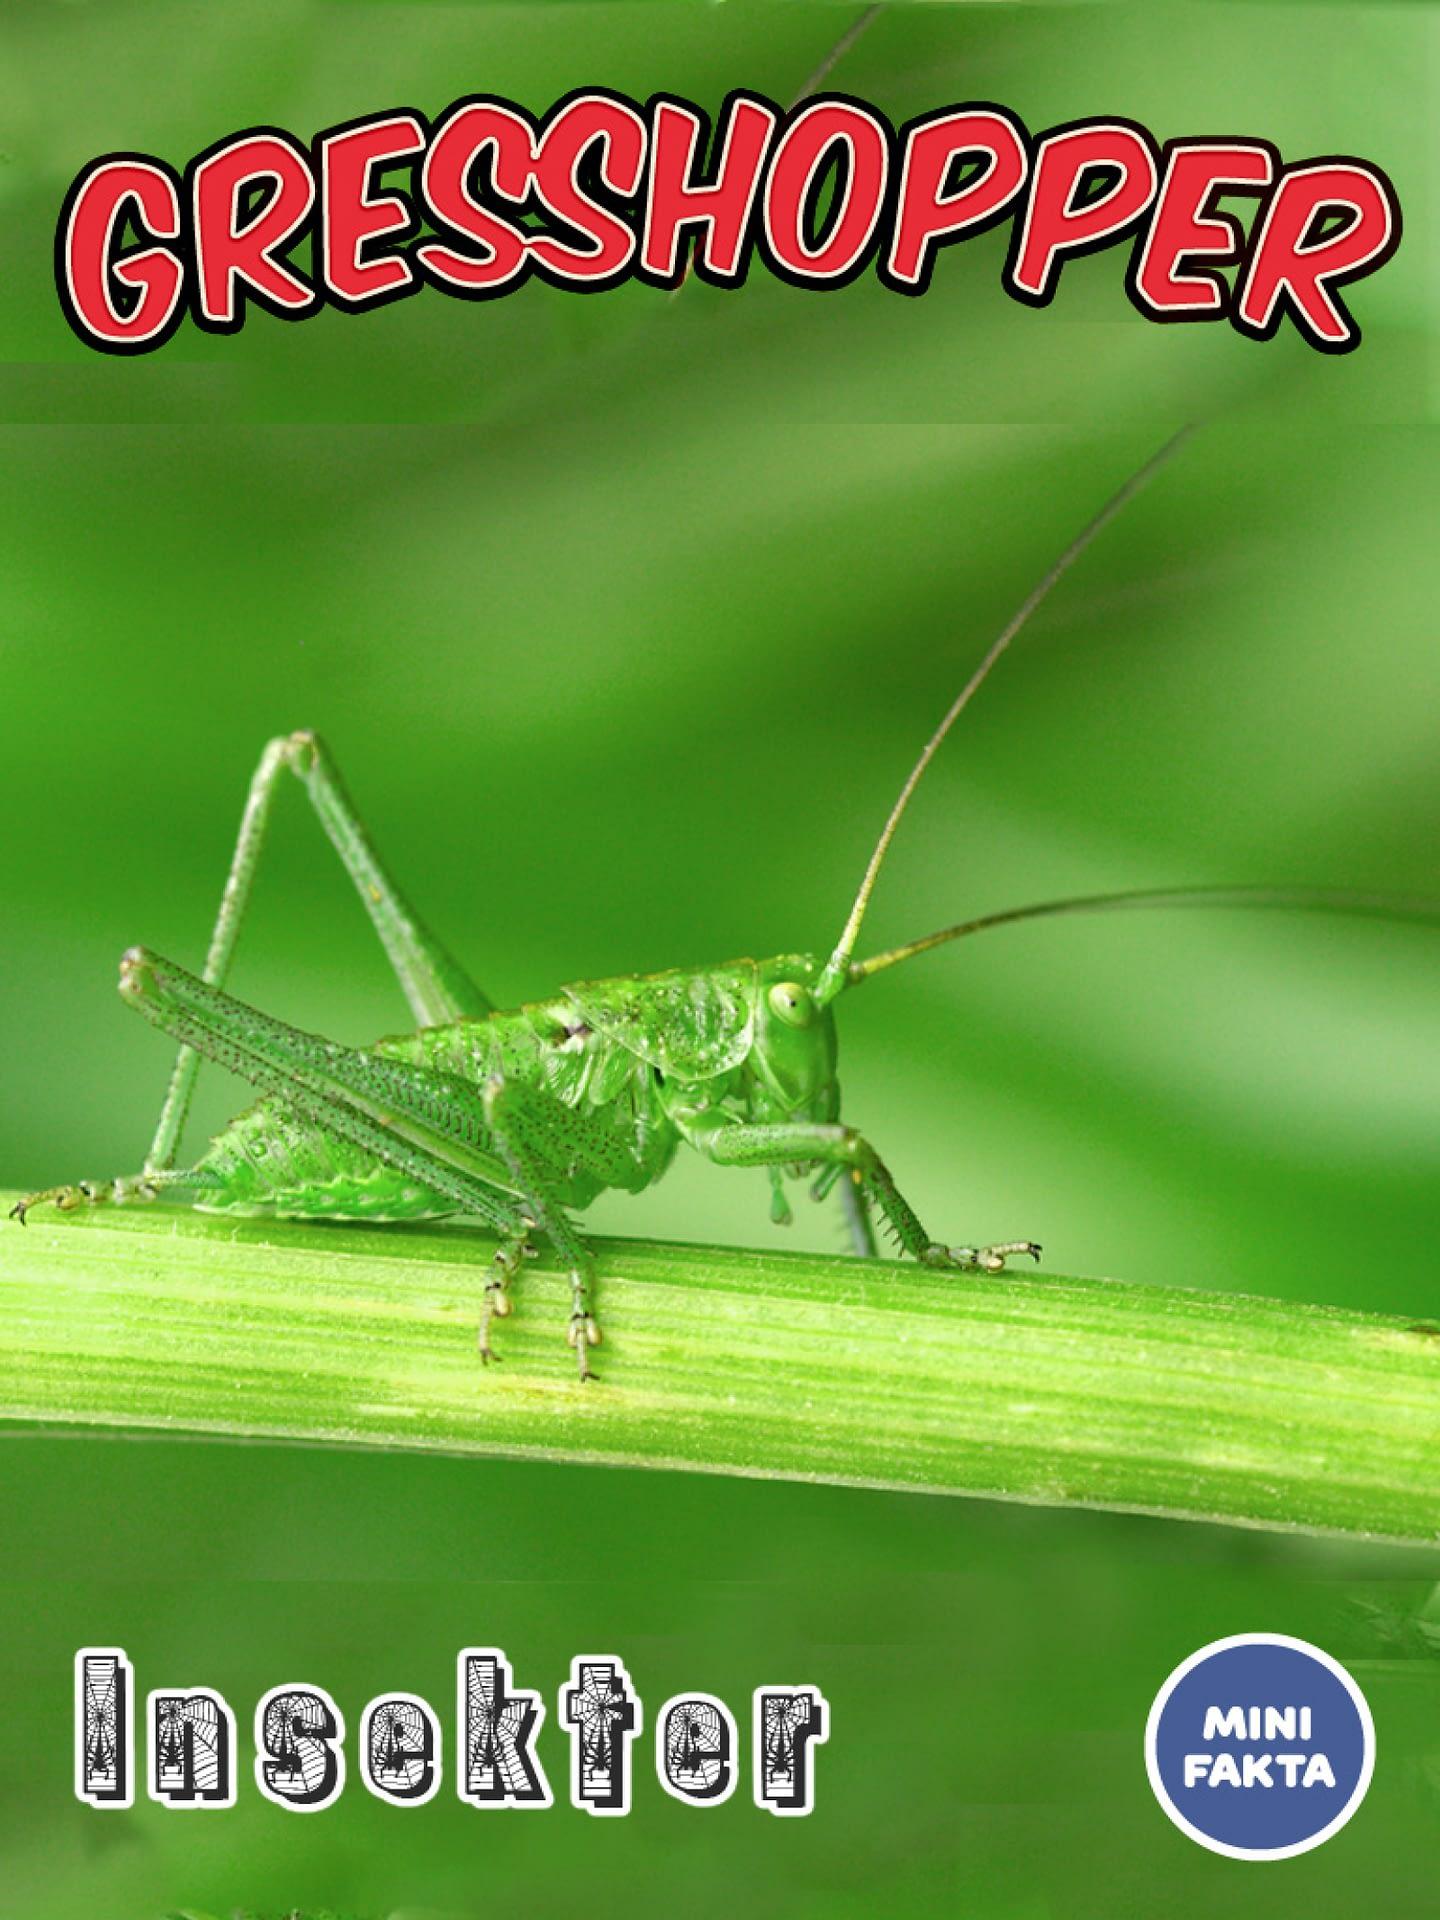 Gresshopper Minifakta